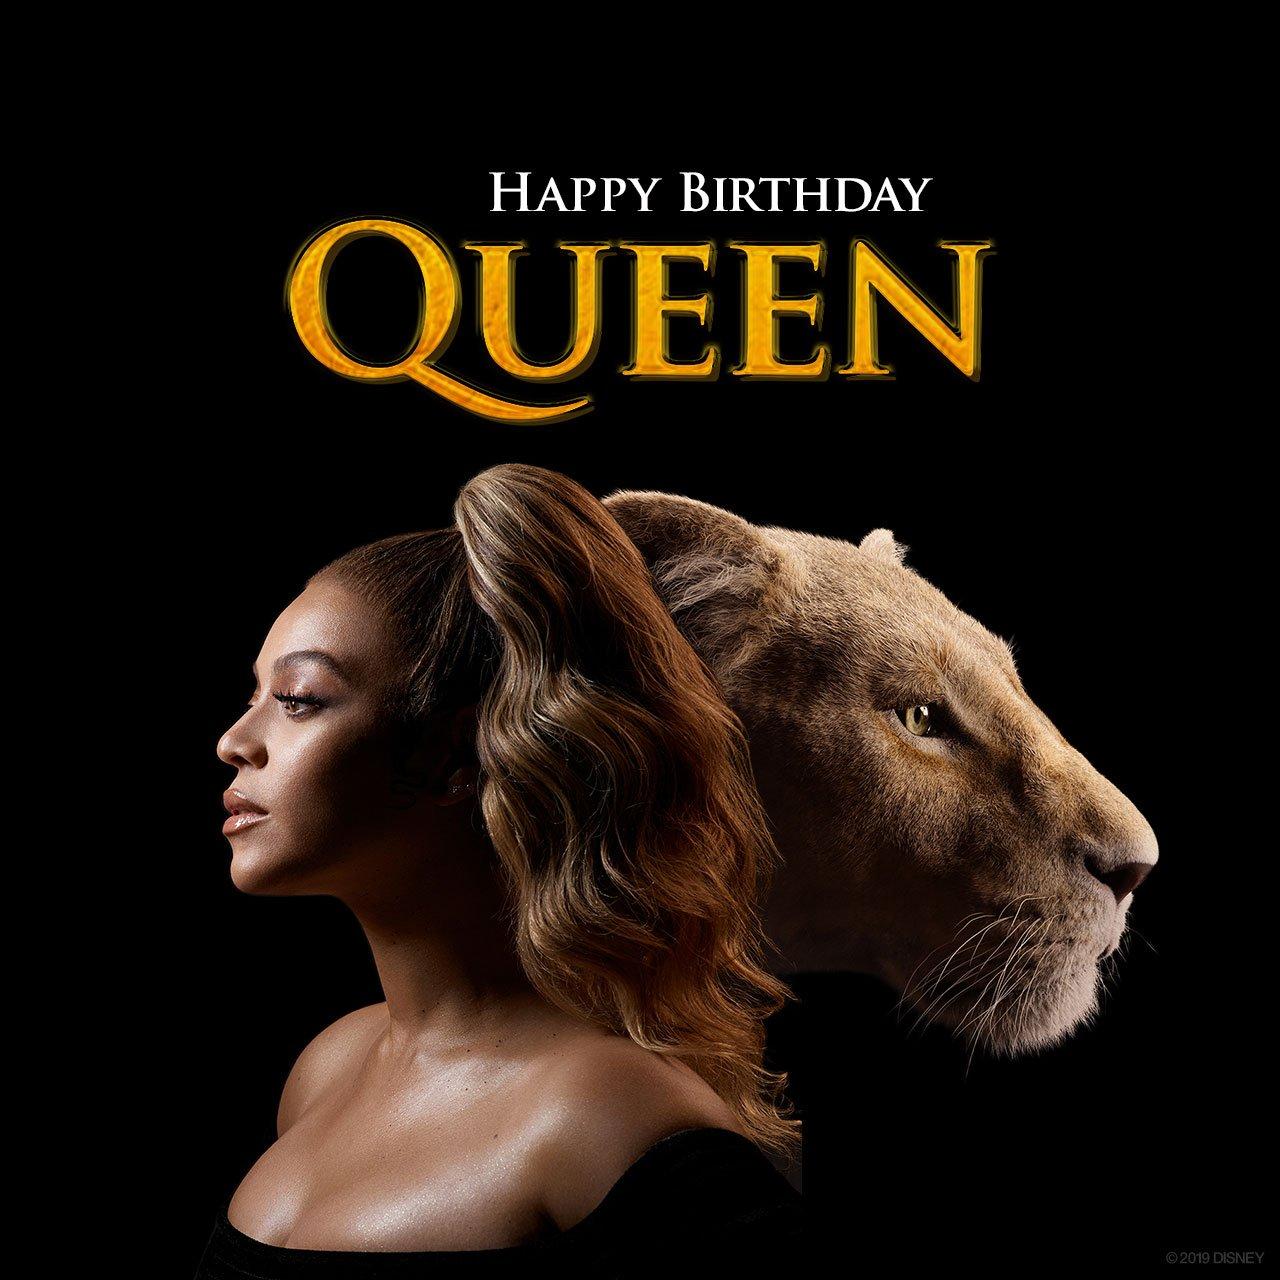 Queen of the Bey-hive, Queen of the Pride Lands! Happy birthday